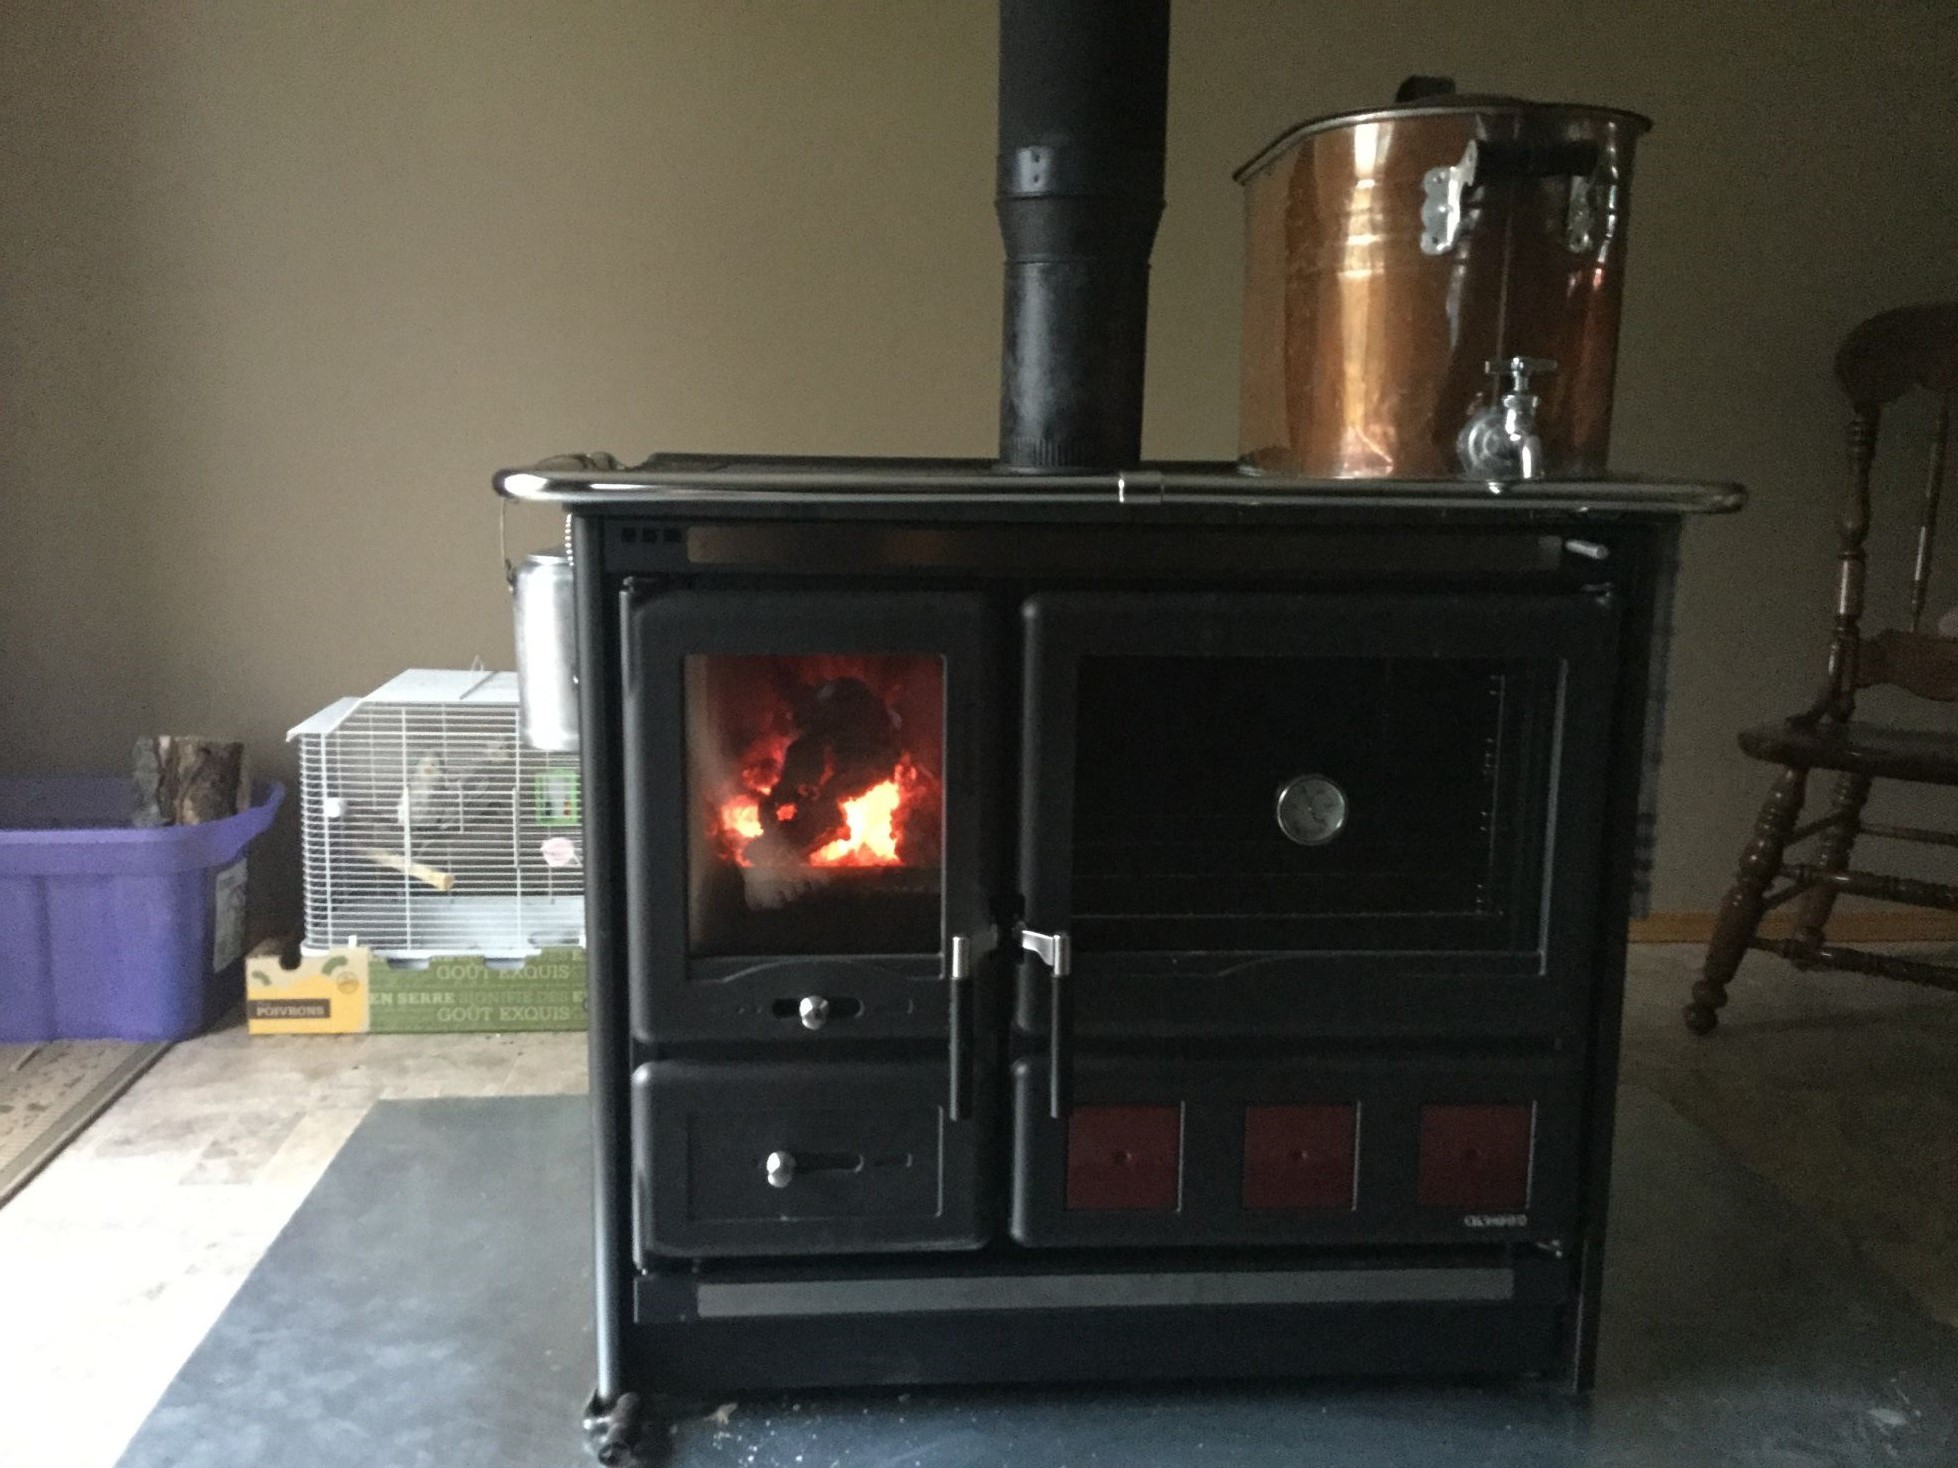 Wood Burning Cook Stove La Nordica Quotrosa Xxlquot